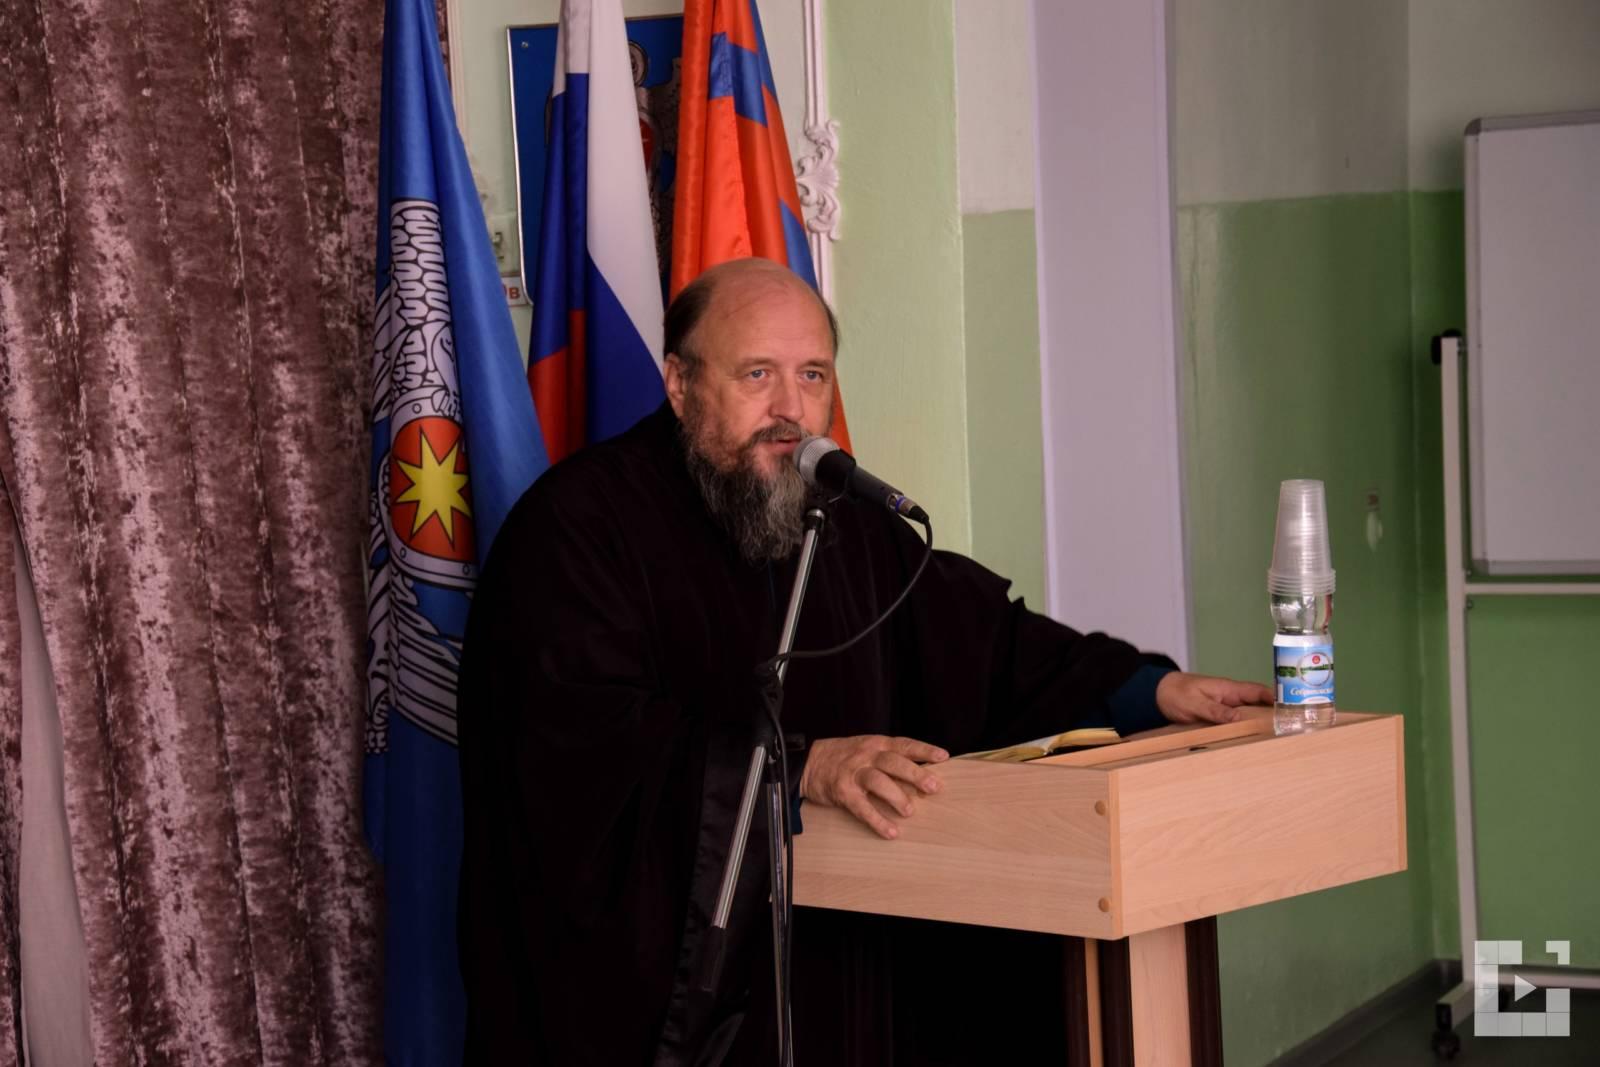 VII Покровские образовательные чтения в г. Михайловка. - Урюпинская епархия